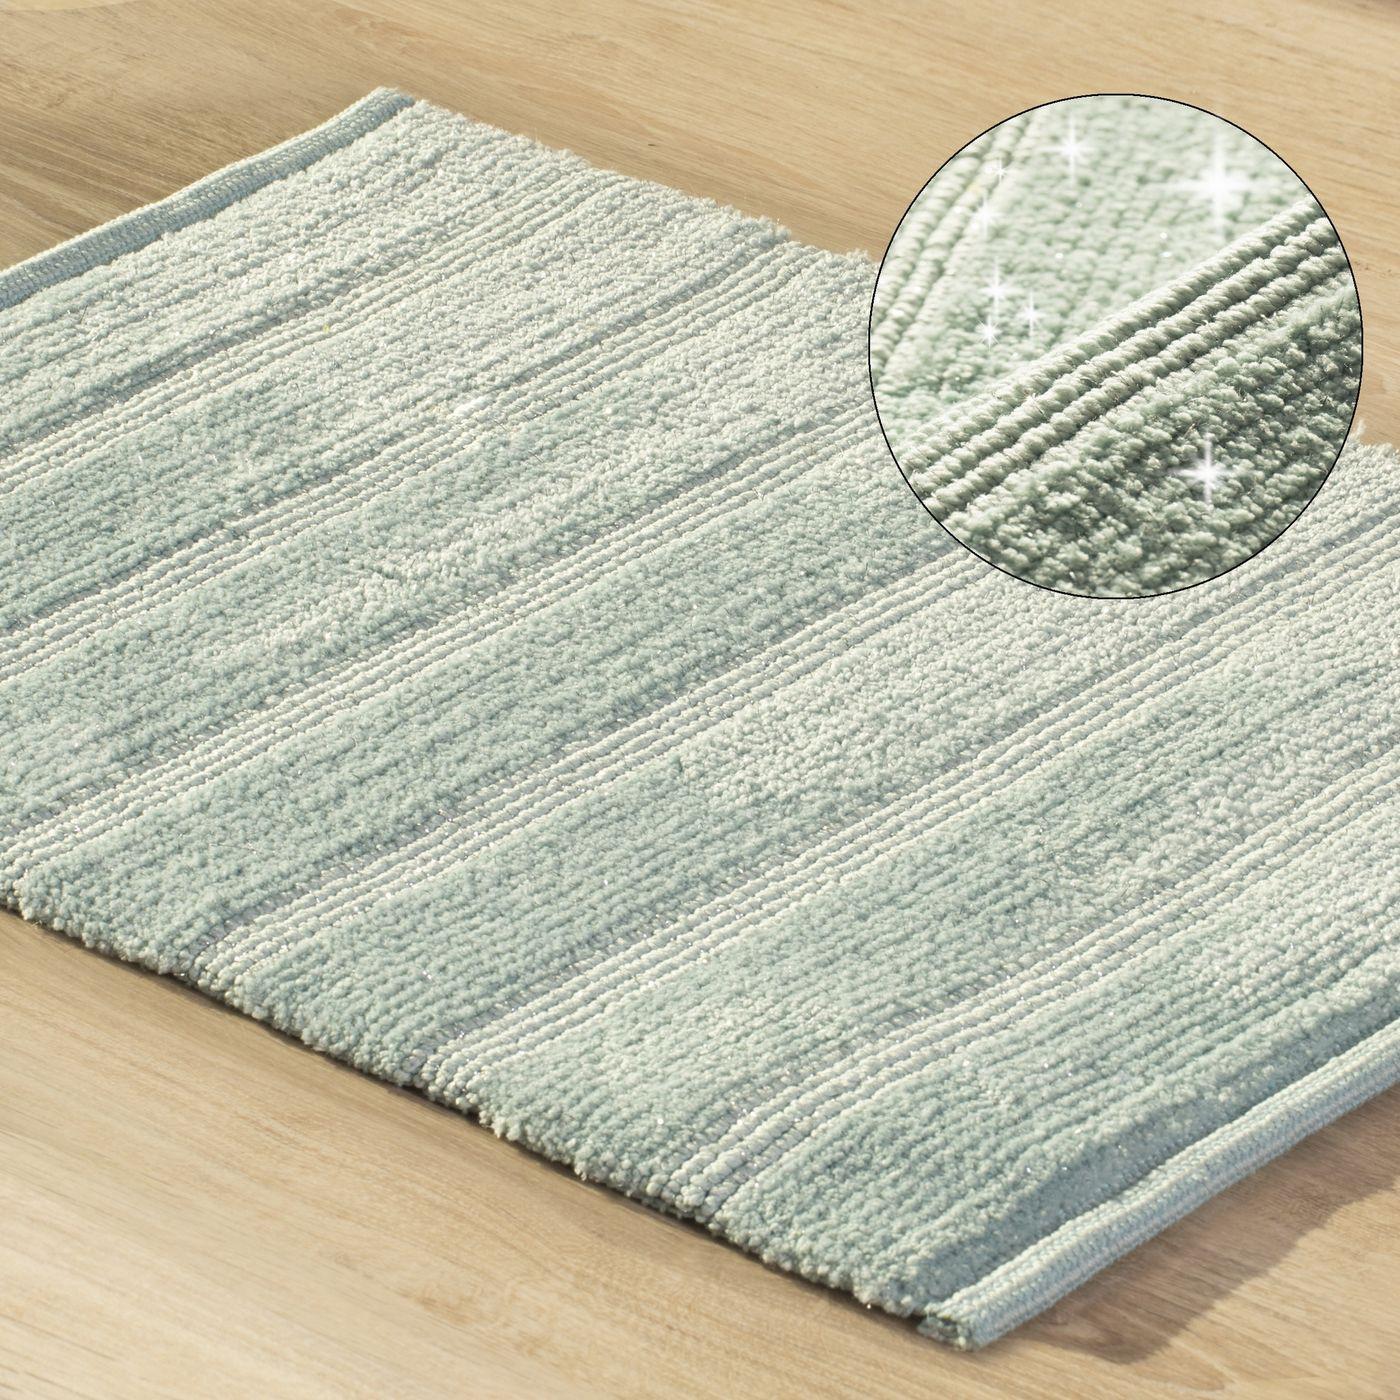 Łazienkowy dywanik w paski splot pętelkowy mieta 50x70 cm